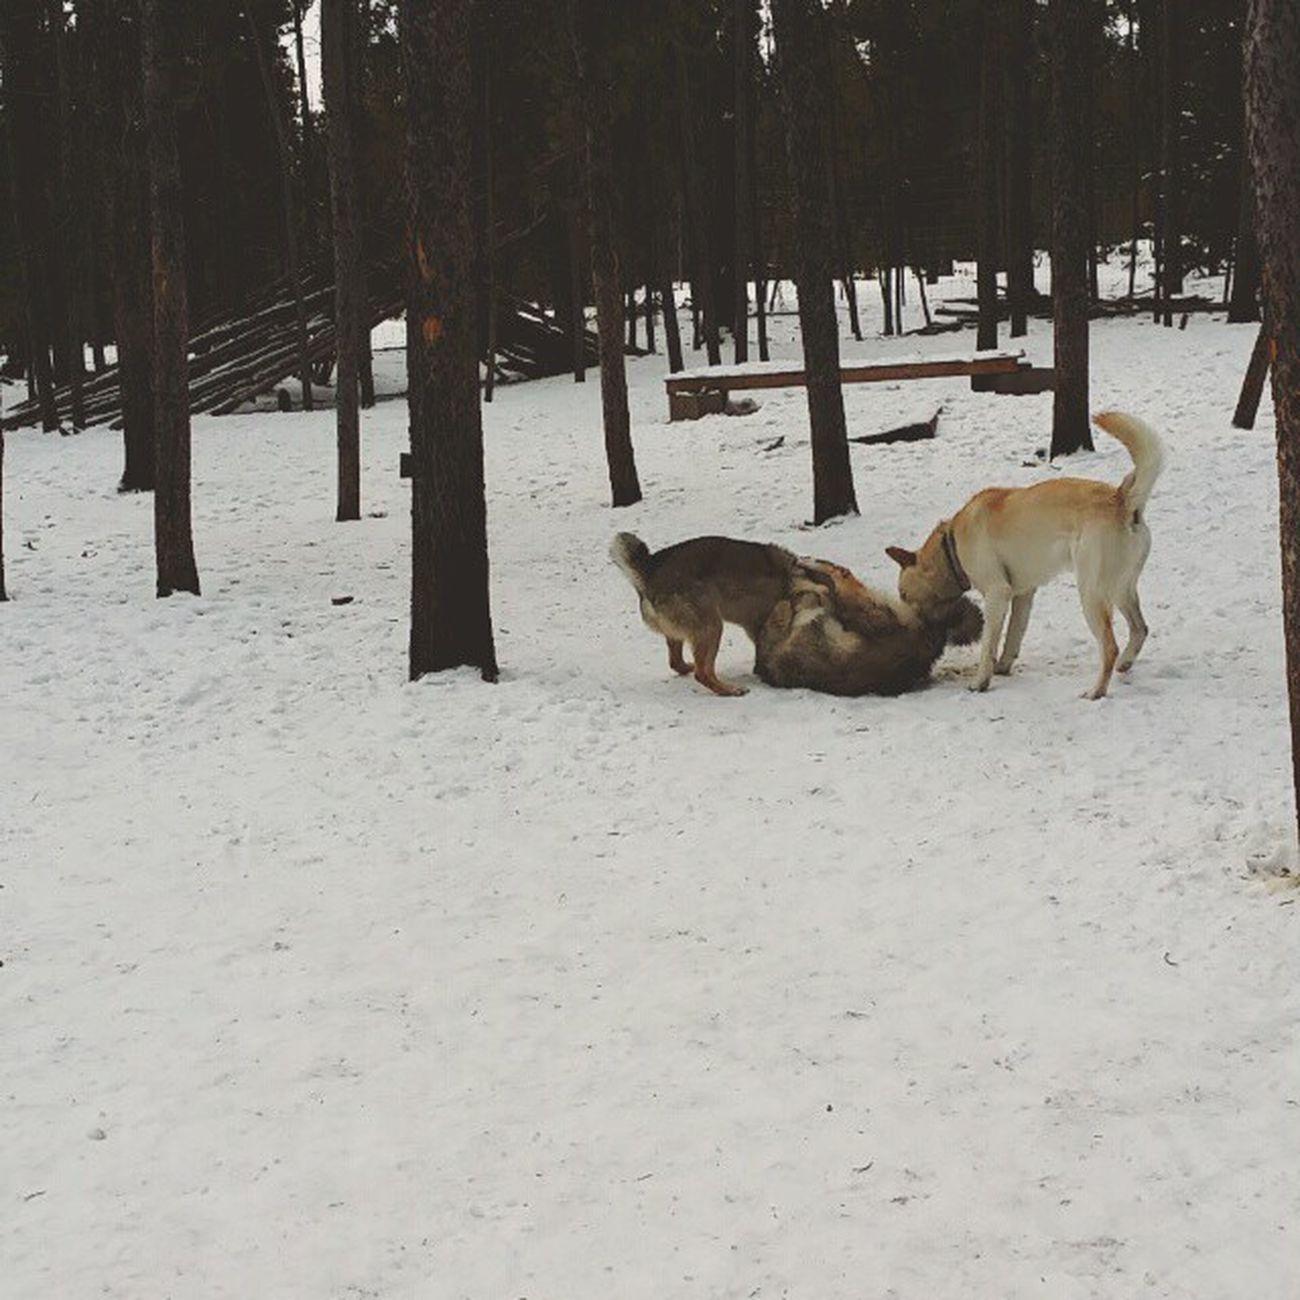 Hokkaido Jindo Laika Jingu Aza Shizuka Kishuken Wsl Kishu Hokkaidoken Nihonken Westsiberianlaika Genko